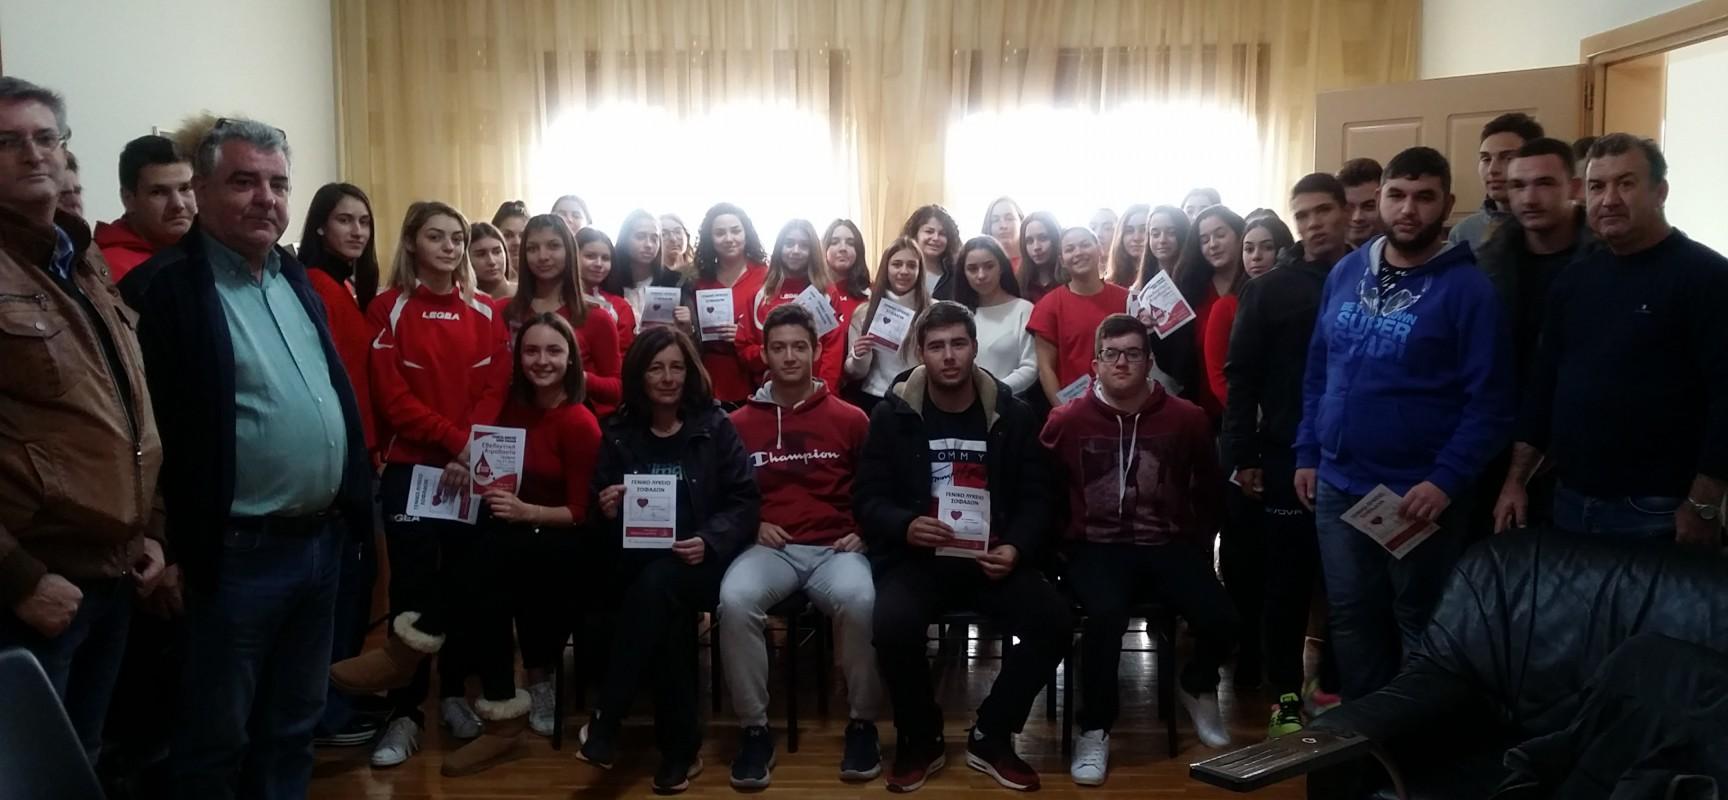 Δράσεις ευαισθητοποίησης – ενημέρωσης του μαθητικού πληθυσμού με θέμα την Εθελοντική Αιμοδοσία σε σχολεία στο Δήμο Σοφάδων